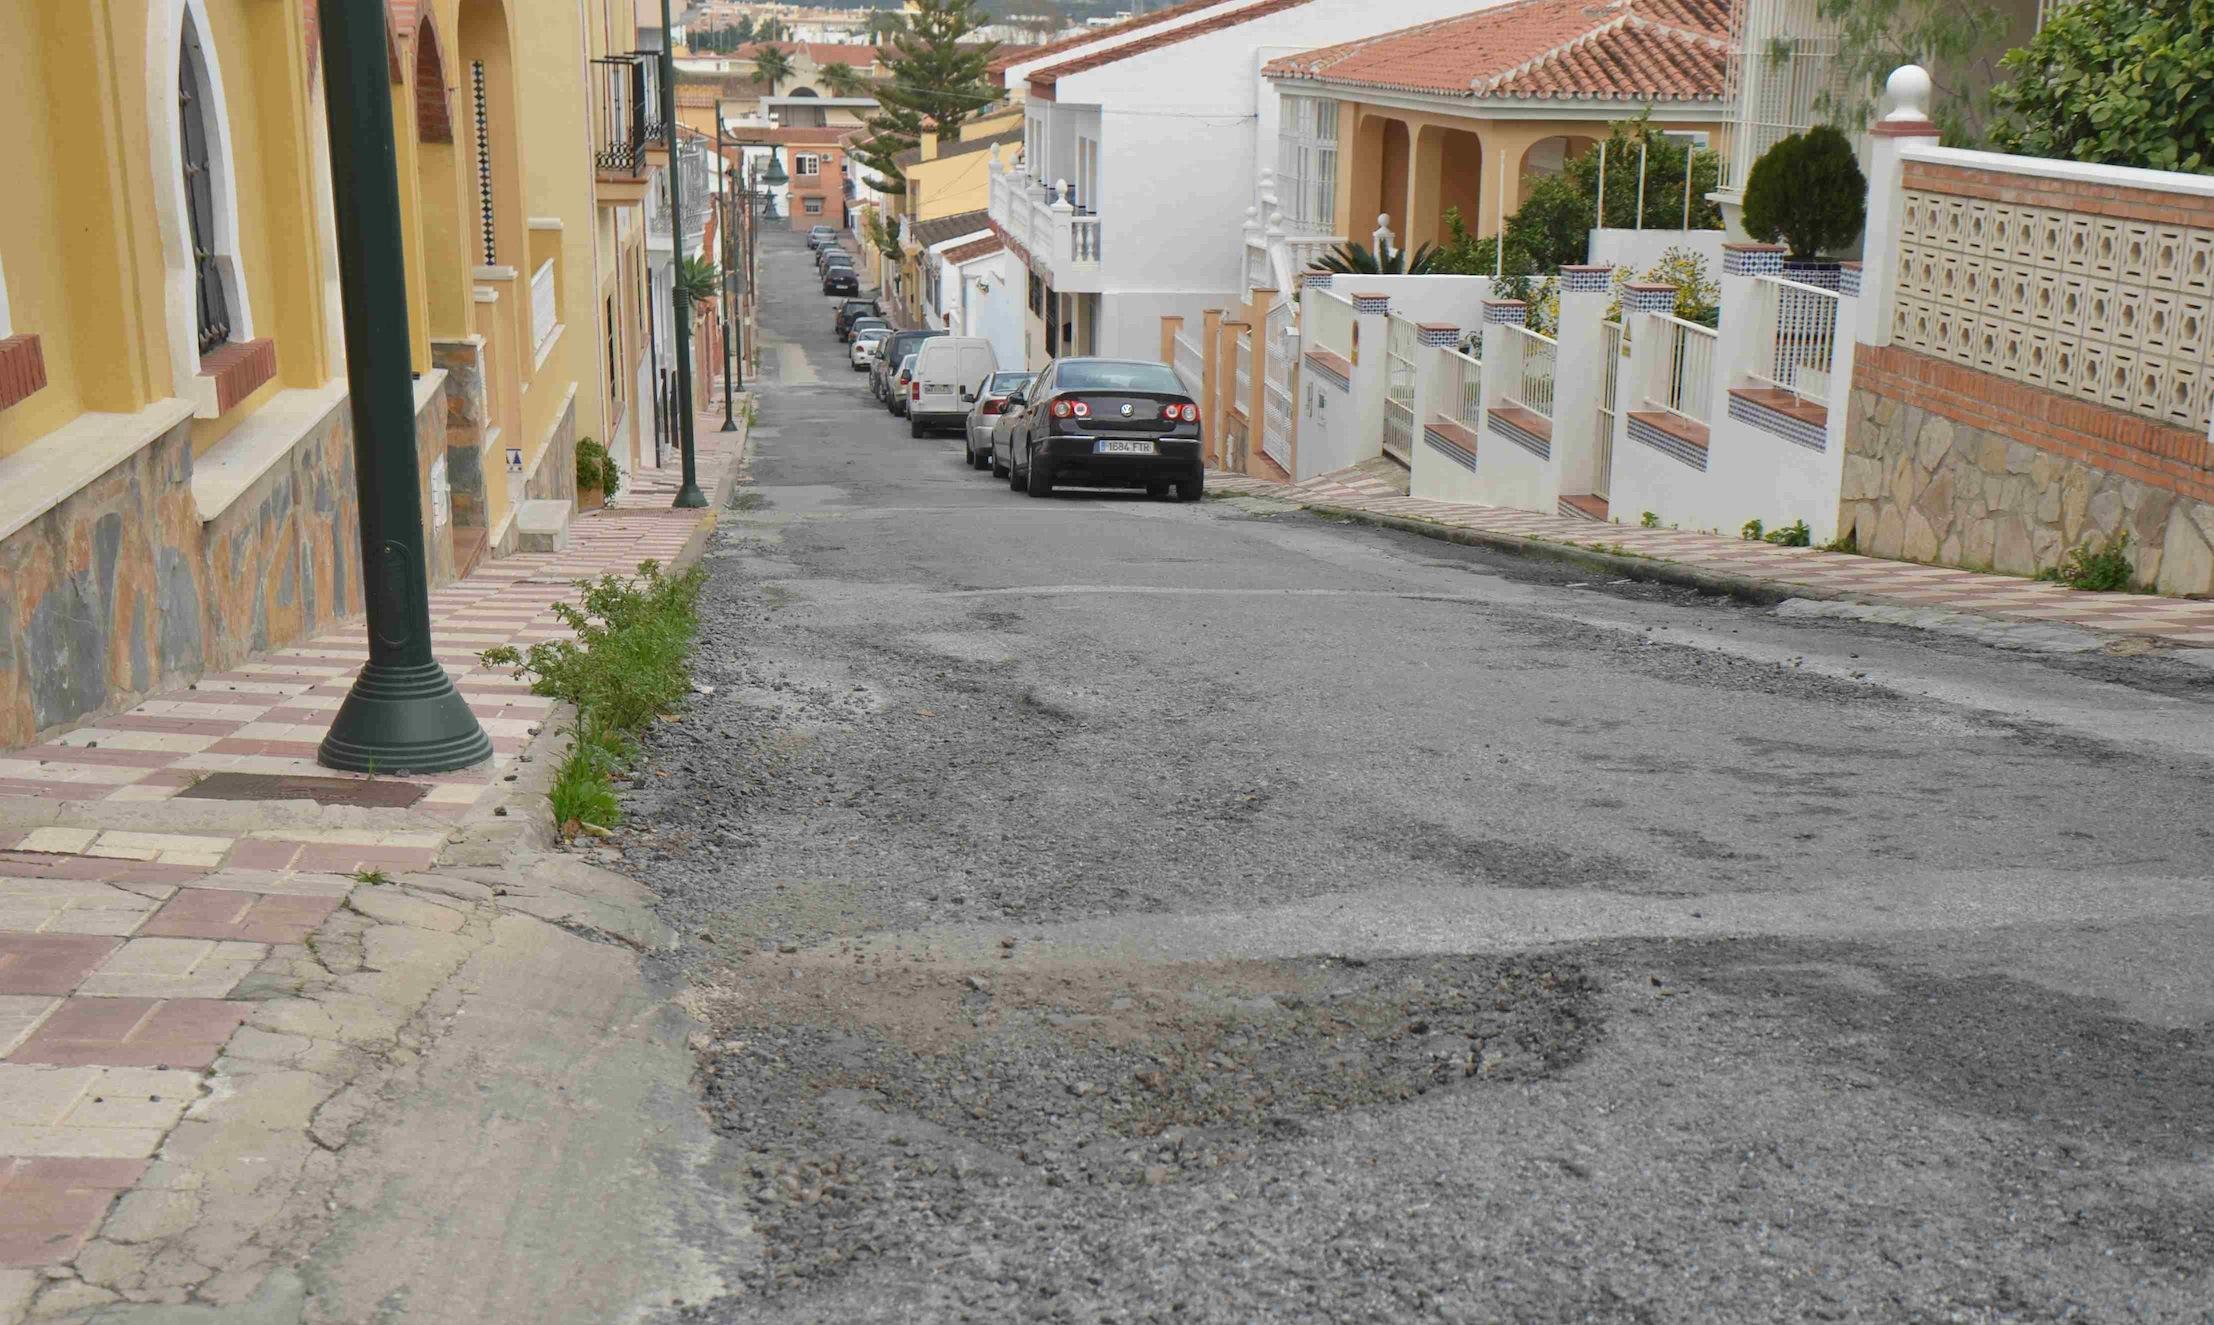 El Ayuntamiento inicia un plan de asfaltado para más de una veintena de calles de la localidad